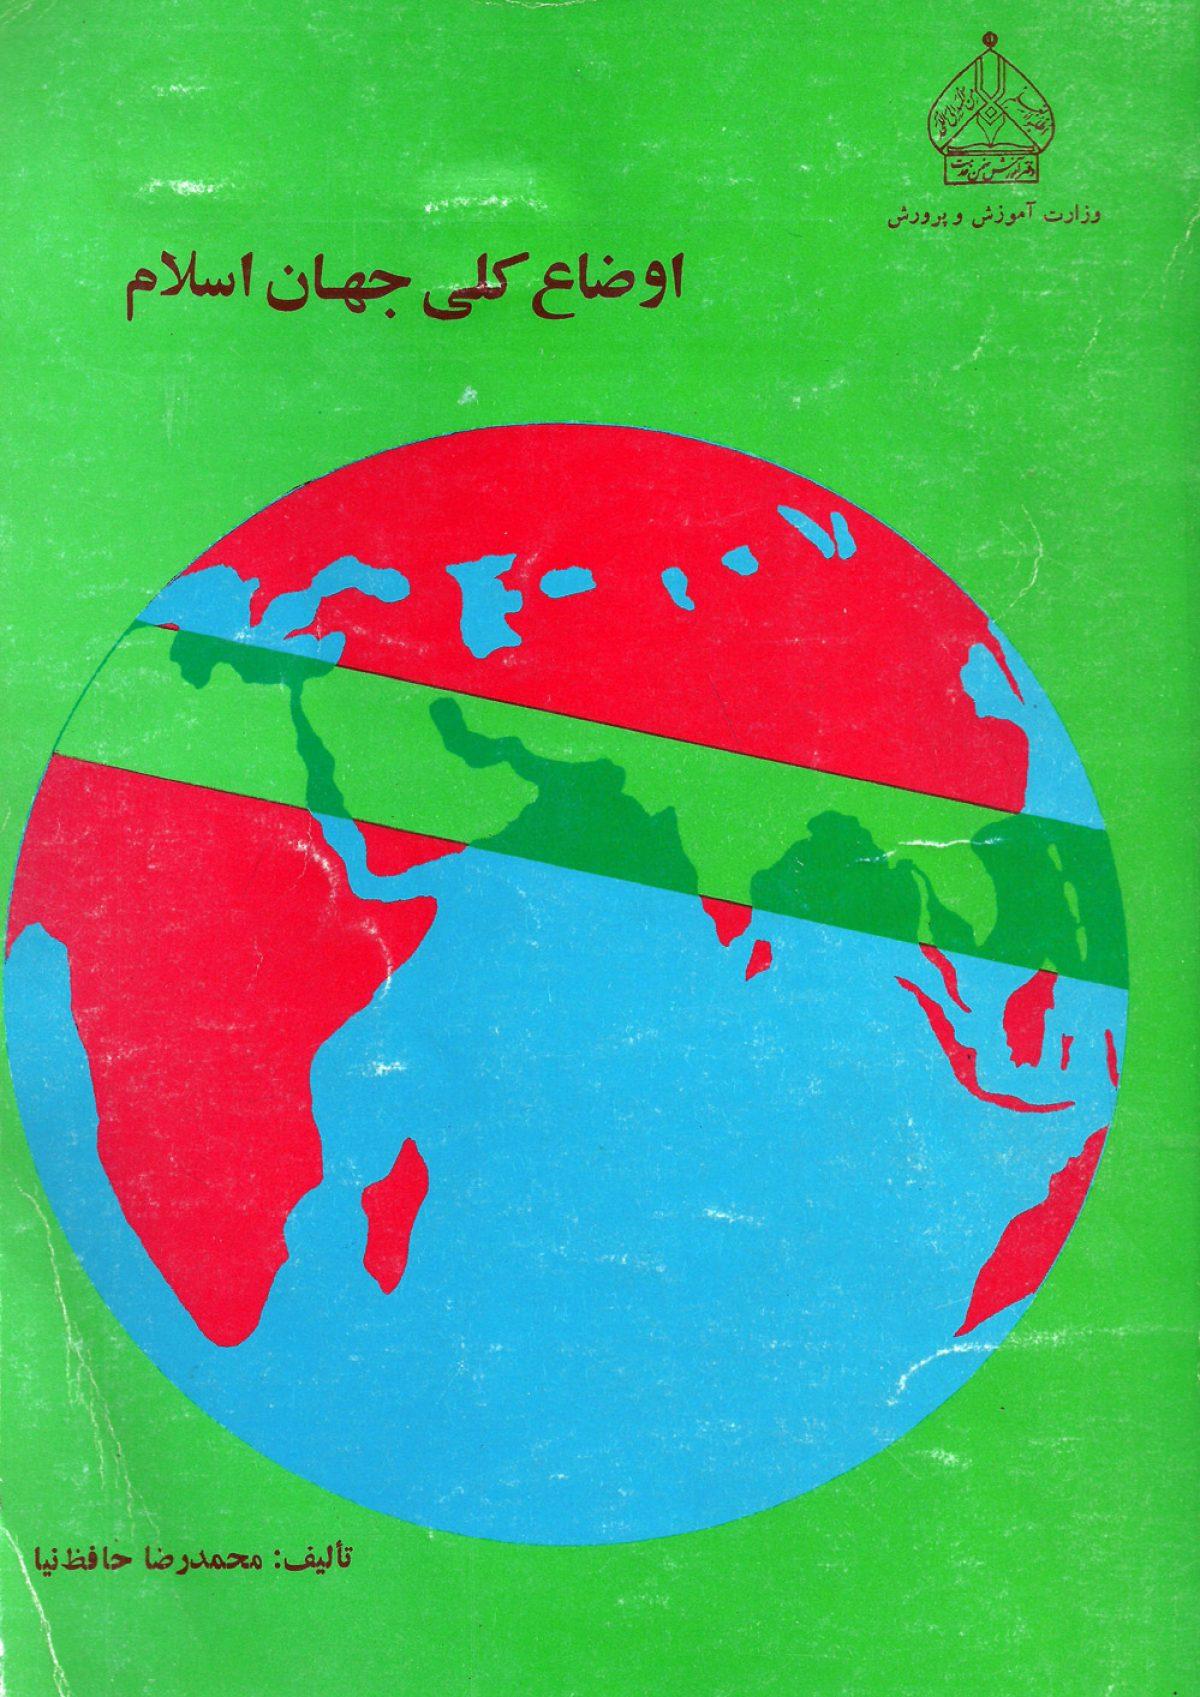 اوضاع كلی جهان اسلام